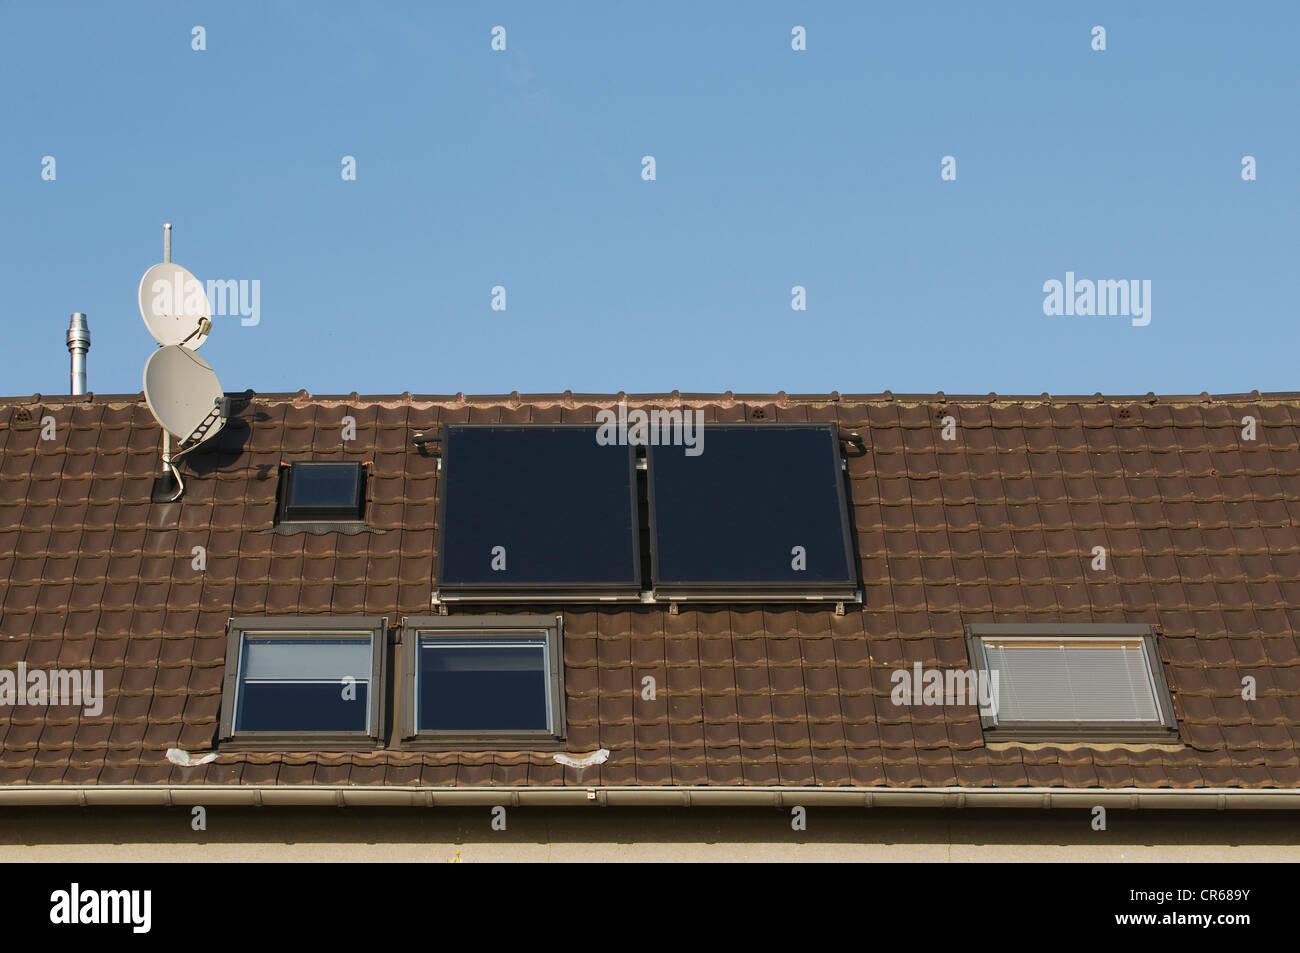 Techo con ventanas de techo, antenas parabólicas y paneles solares térmicos, la inversión en propiedad, Imagen De Stock